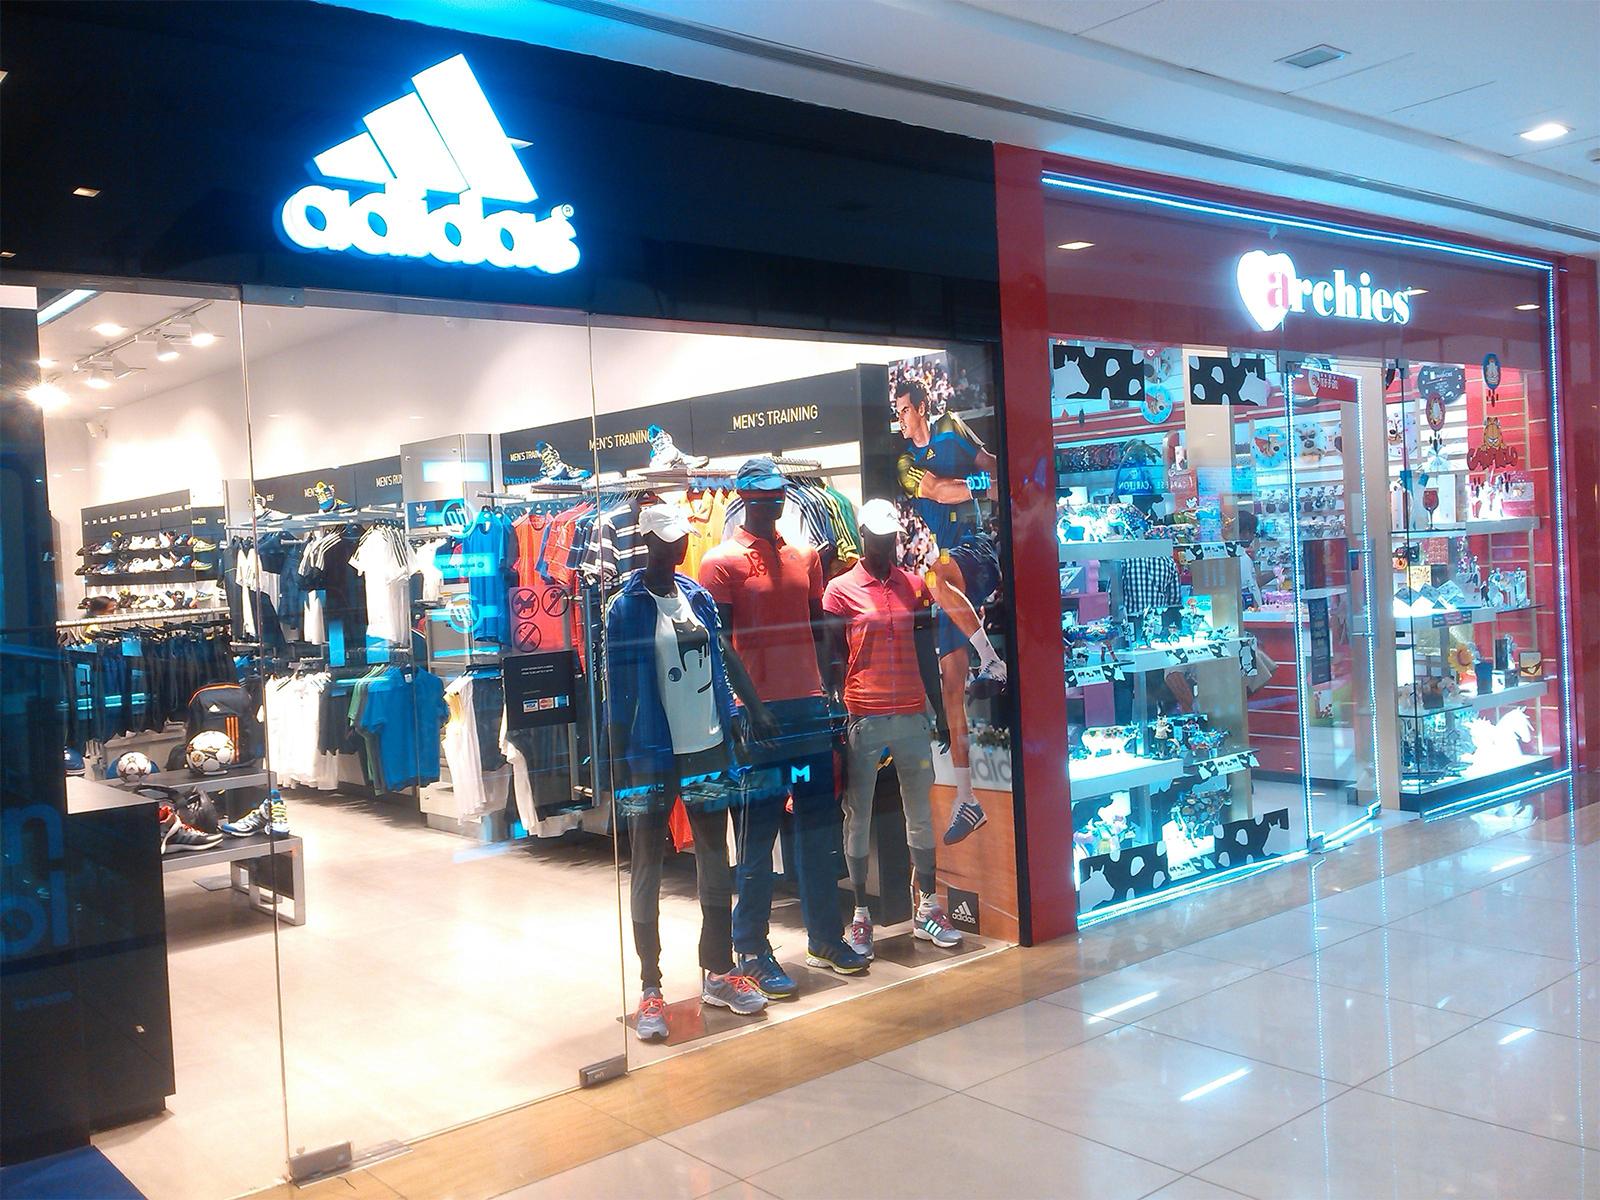 بالصور محلات ملابس , اجدد اماكن لبيع الملابس 3274 5